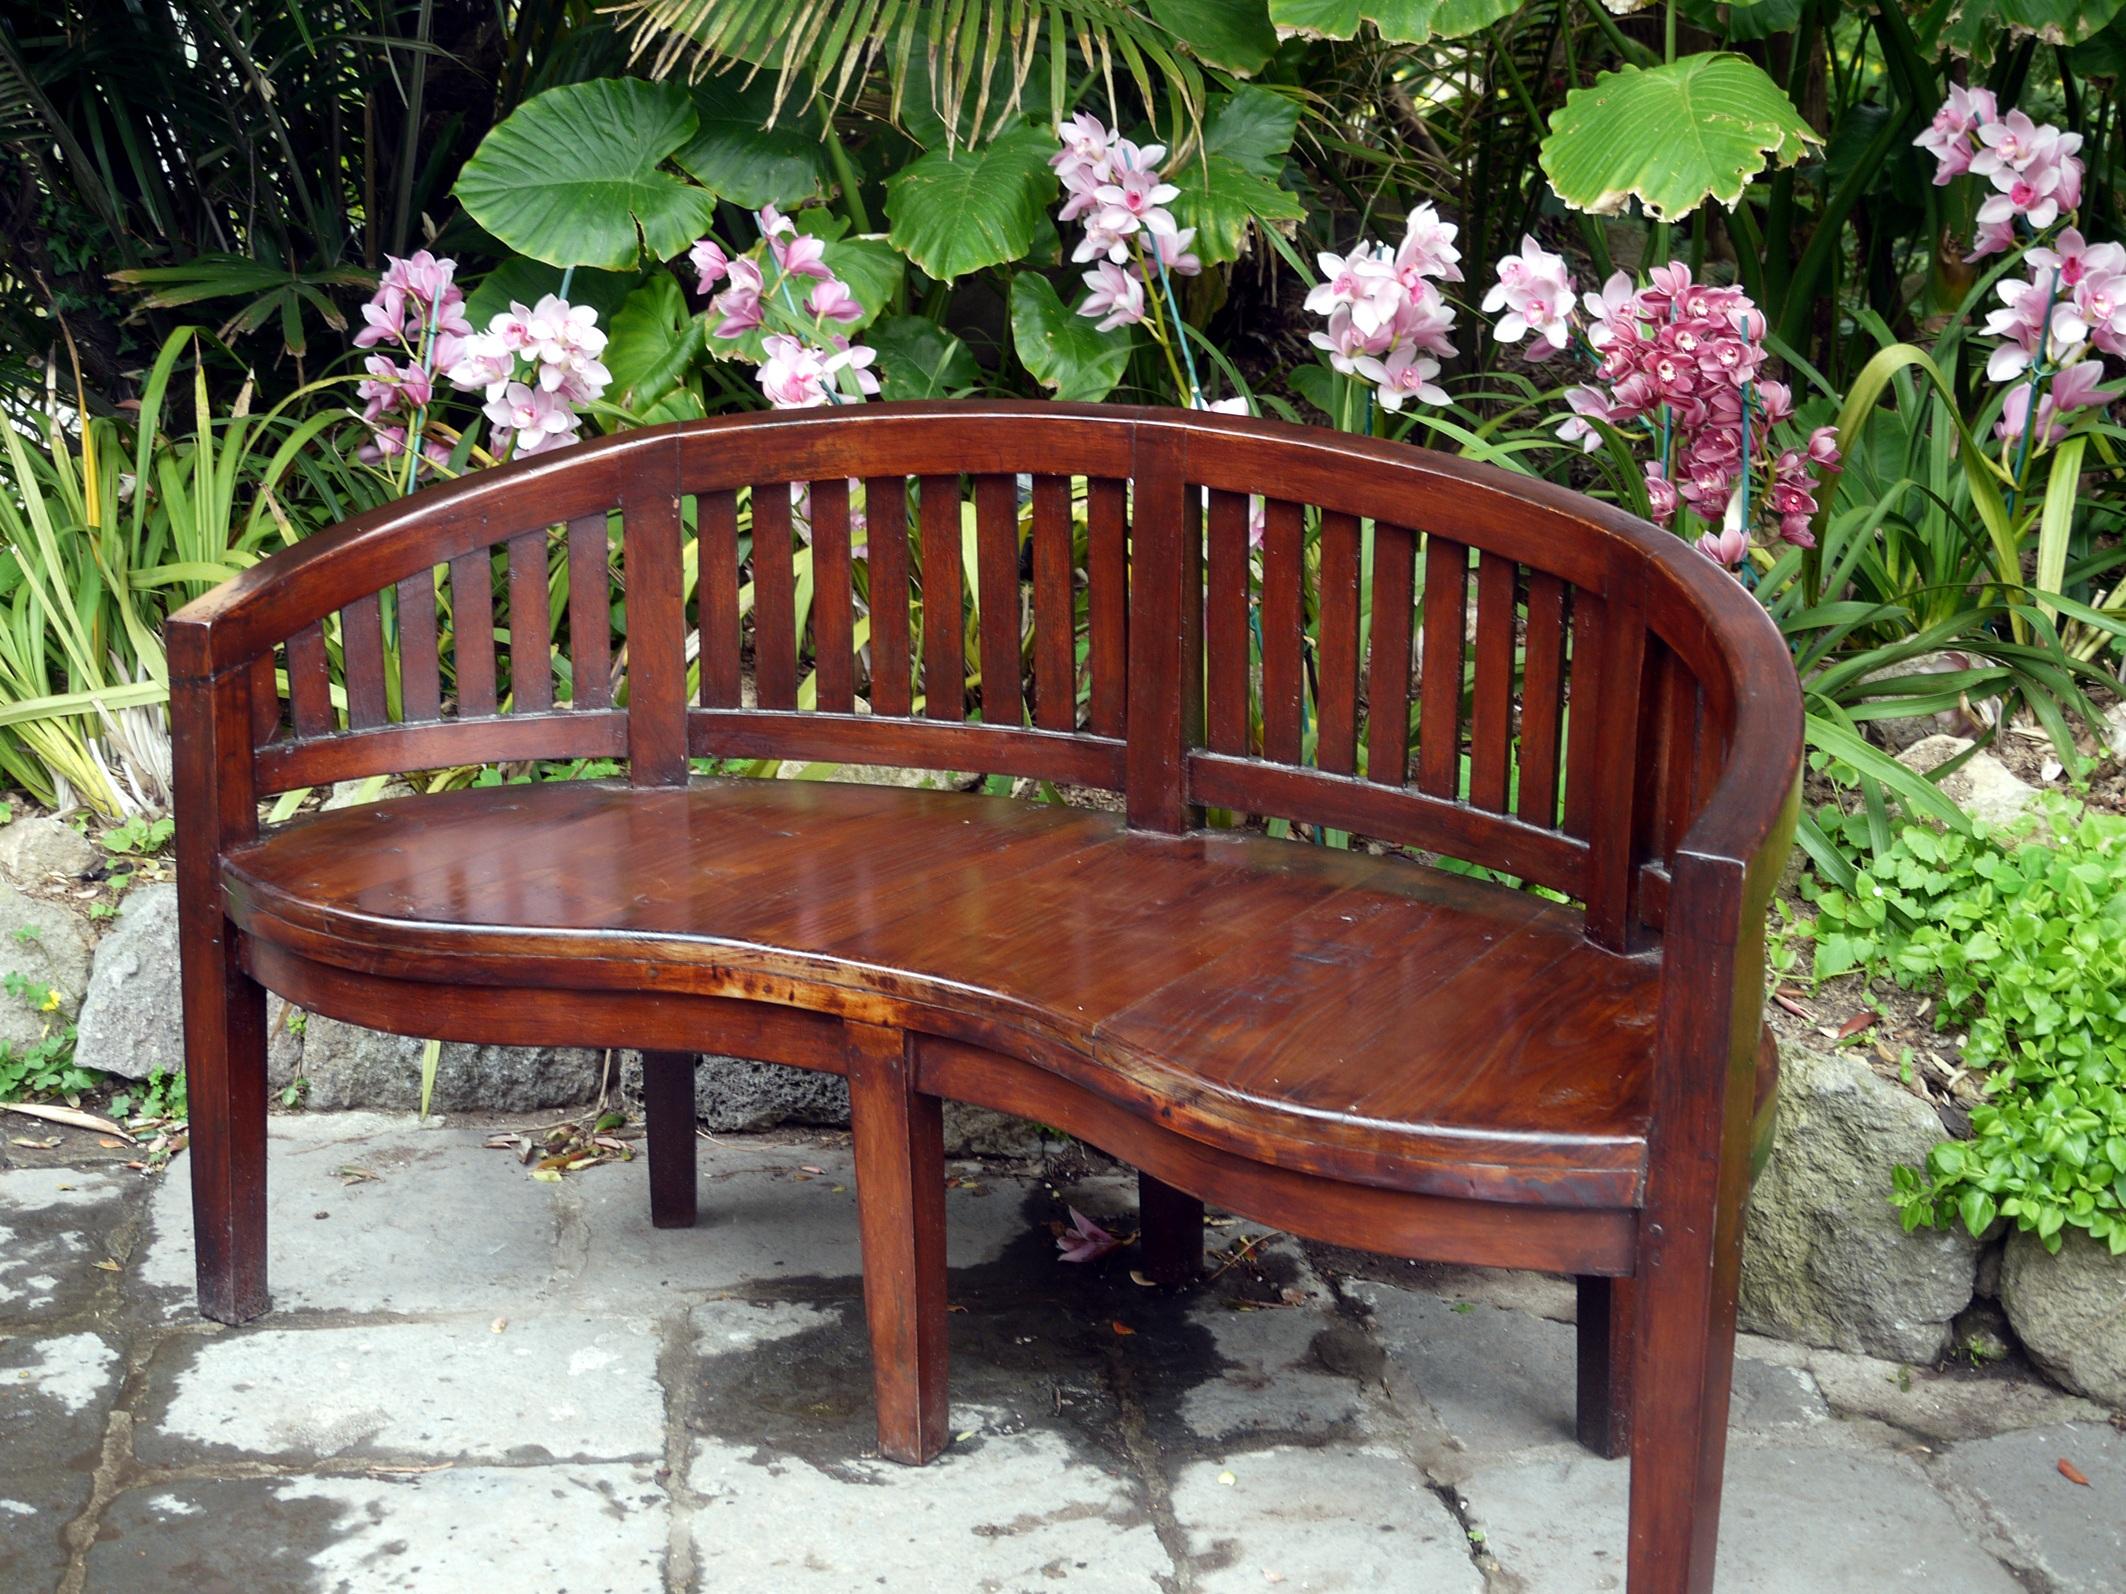 Fotos gratis : mesa, banco, silla, parque, mueble, jardín, Objeto ...